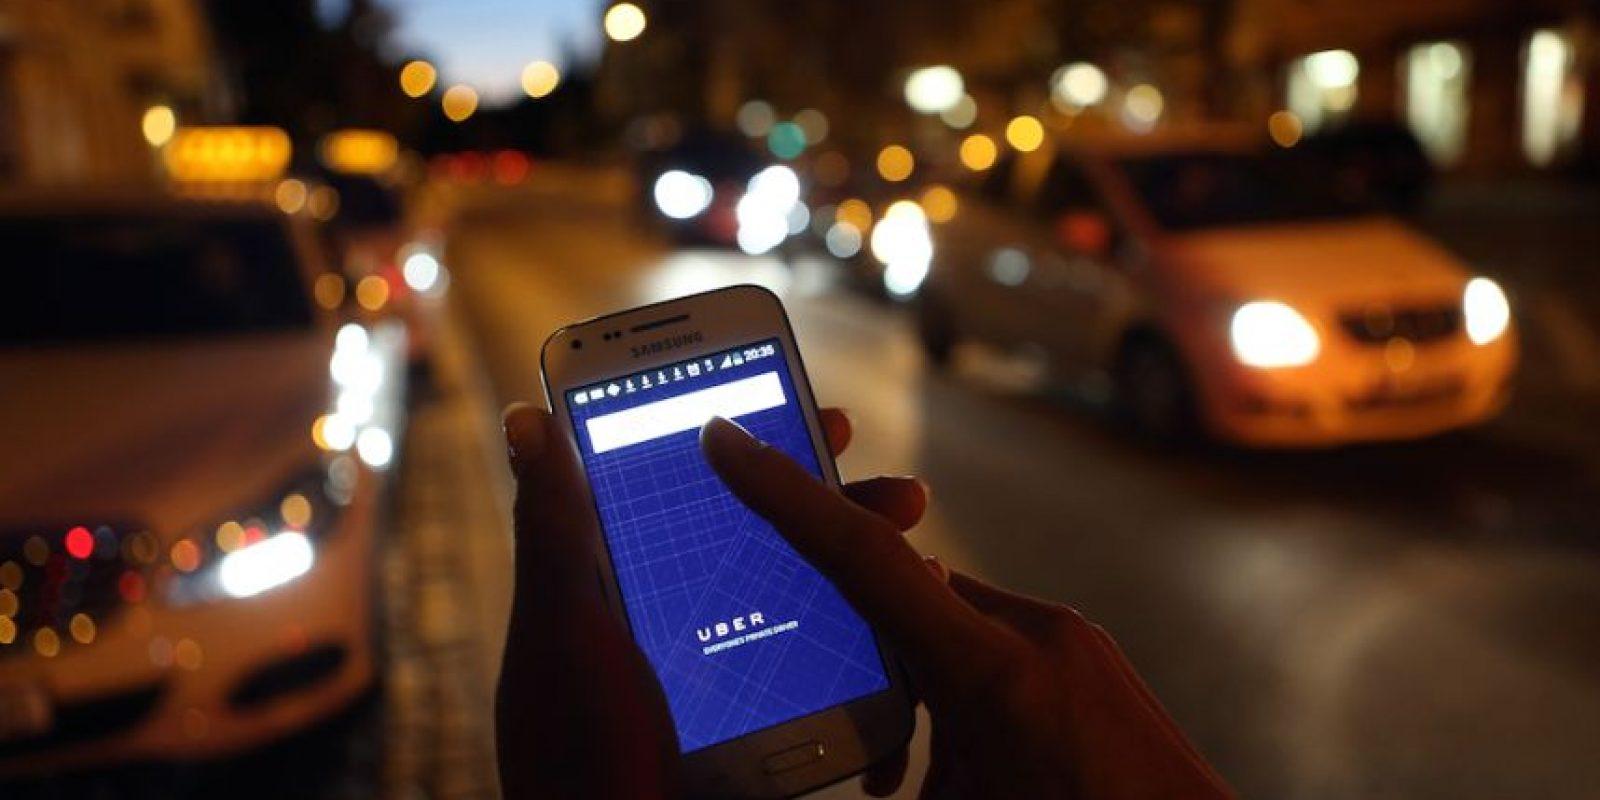 Es una falta grave de respeto y, en caso de suceder, debe reportarse a Uber. Foto:Getty Images